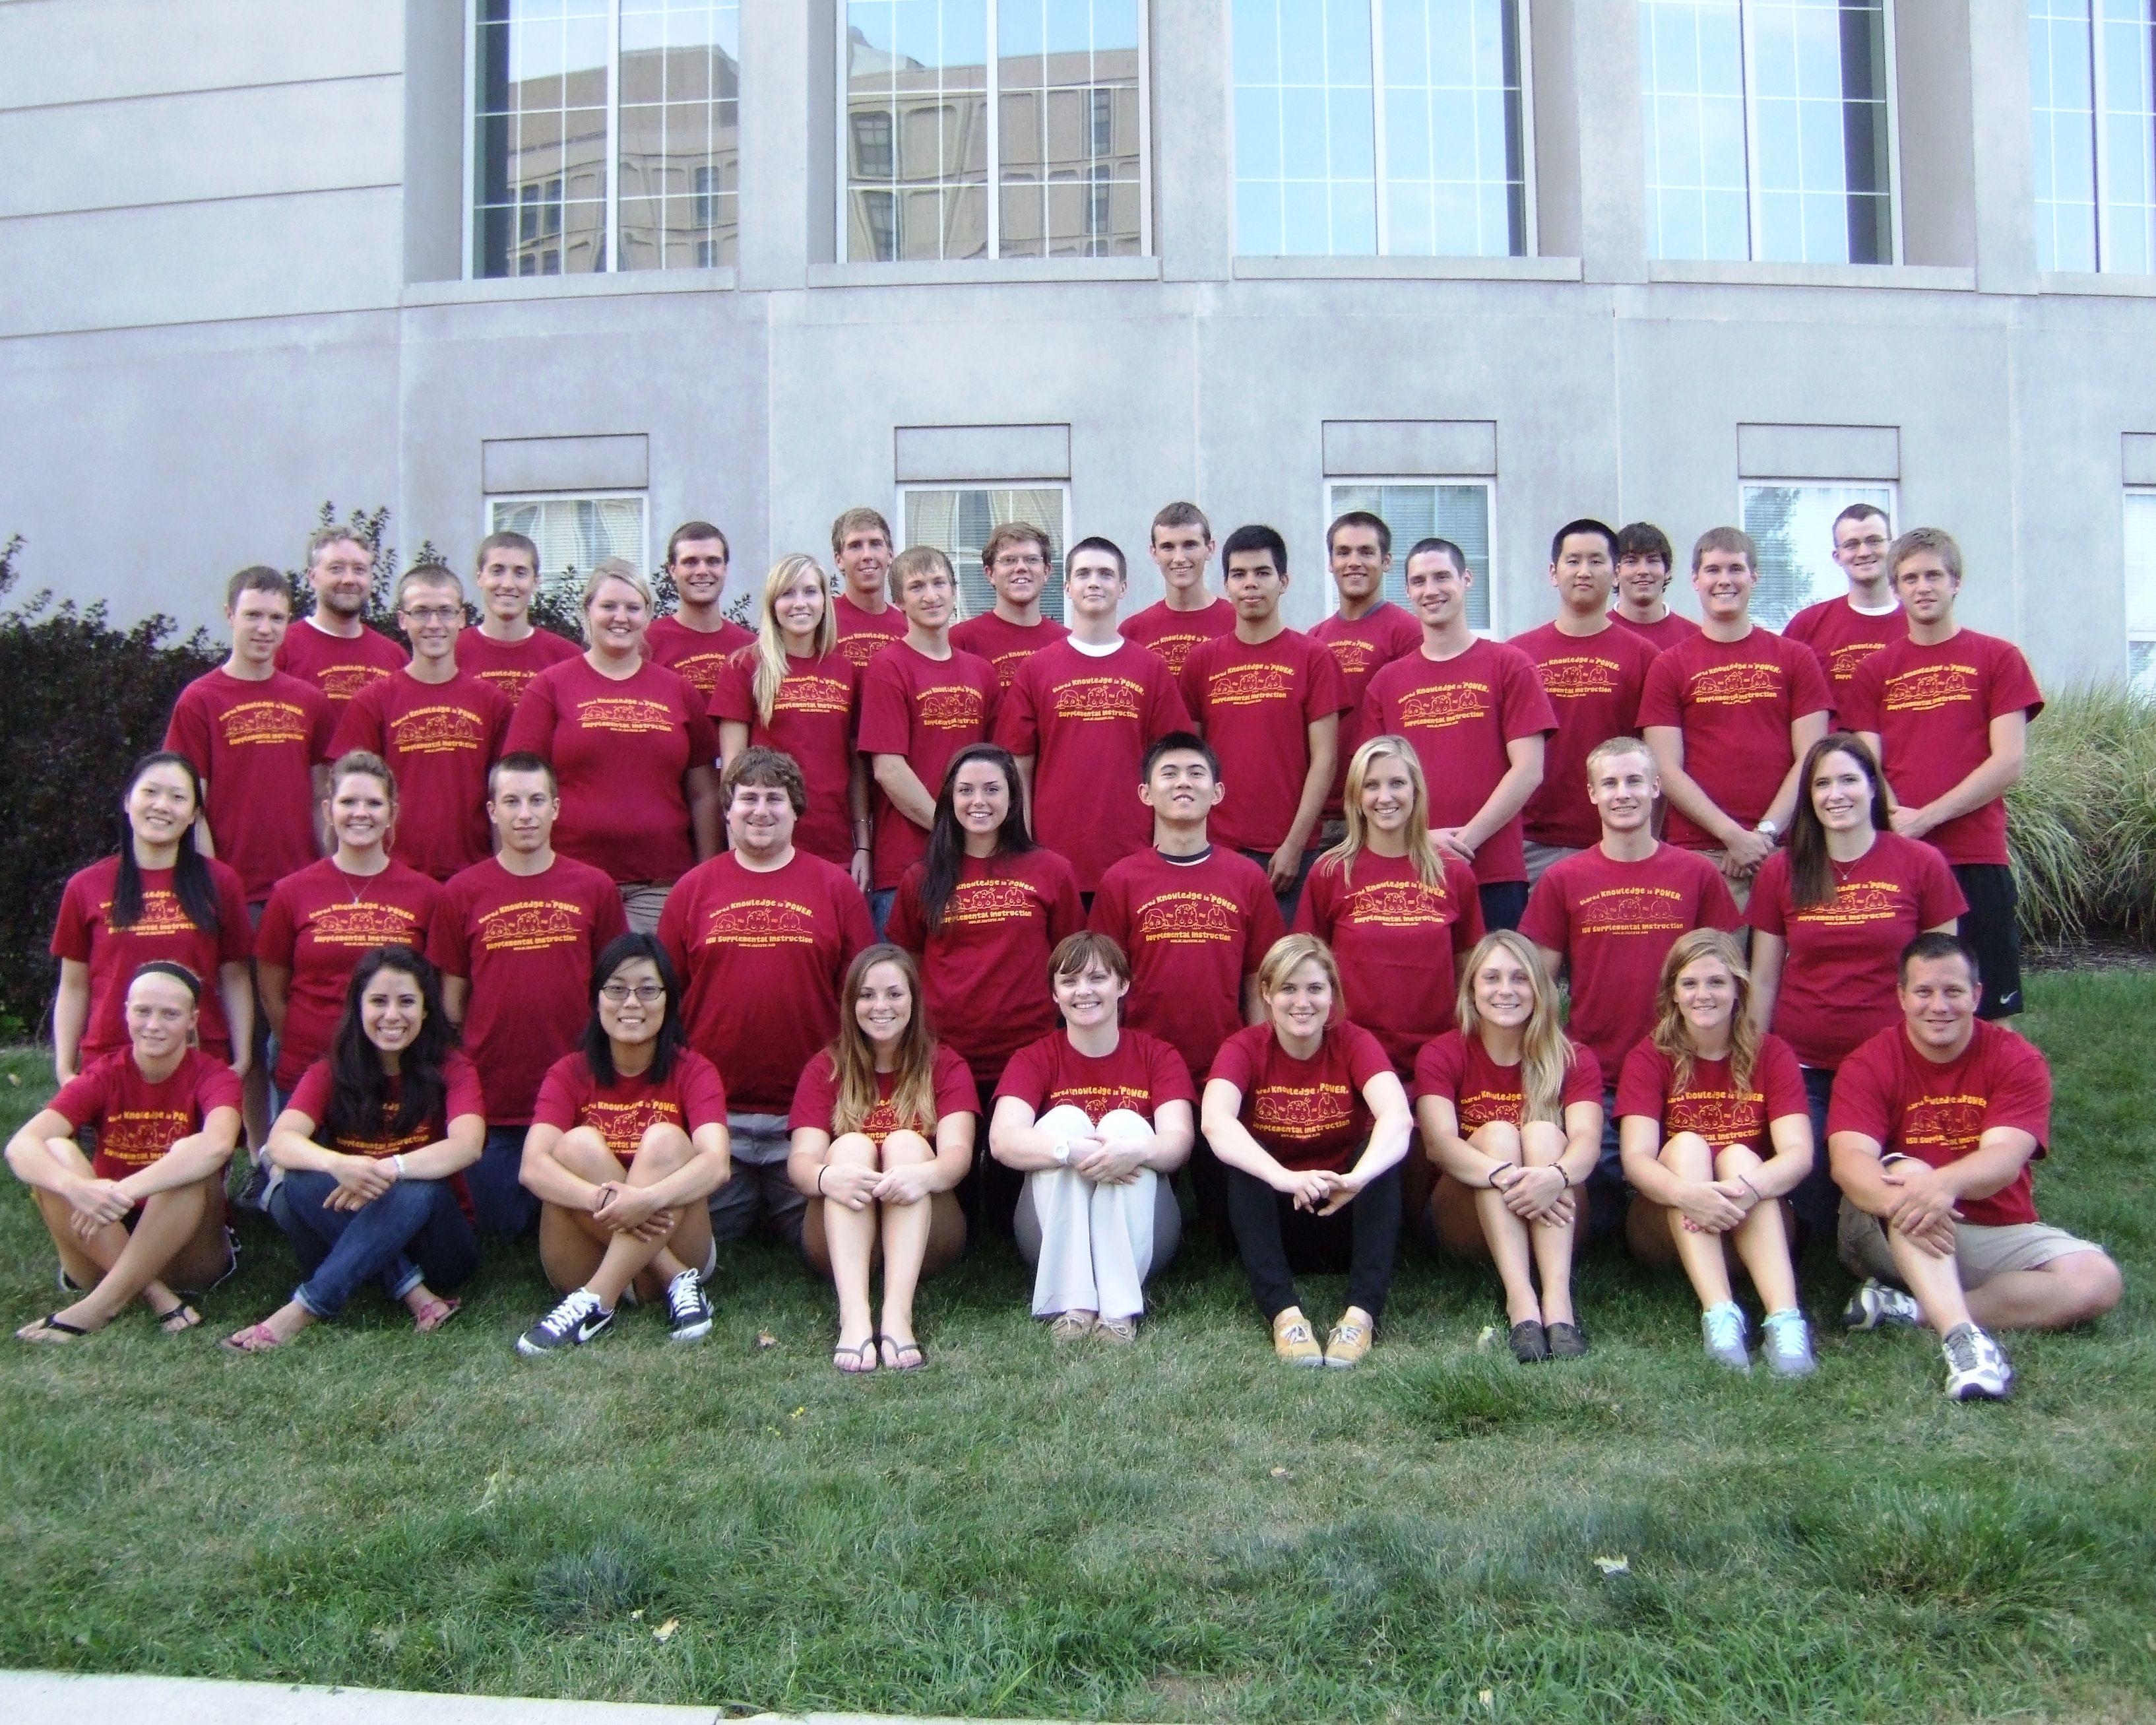 Iowa state university academic success center iowa state